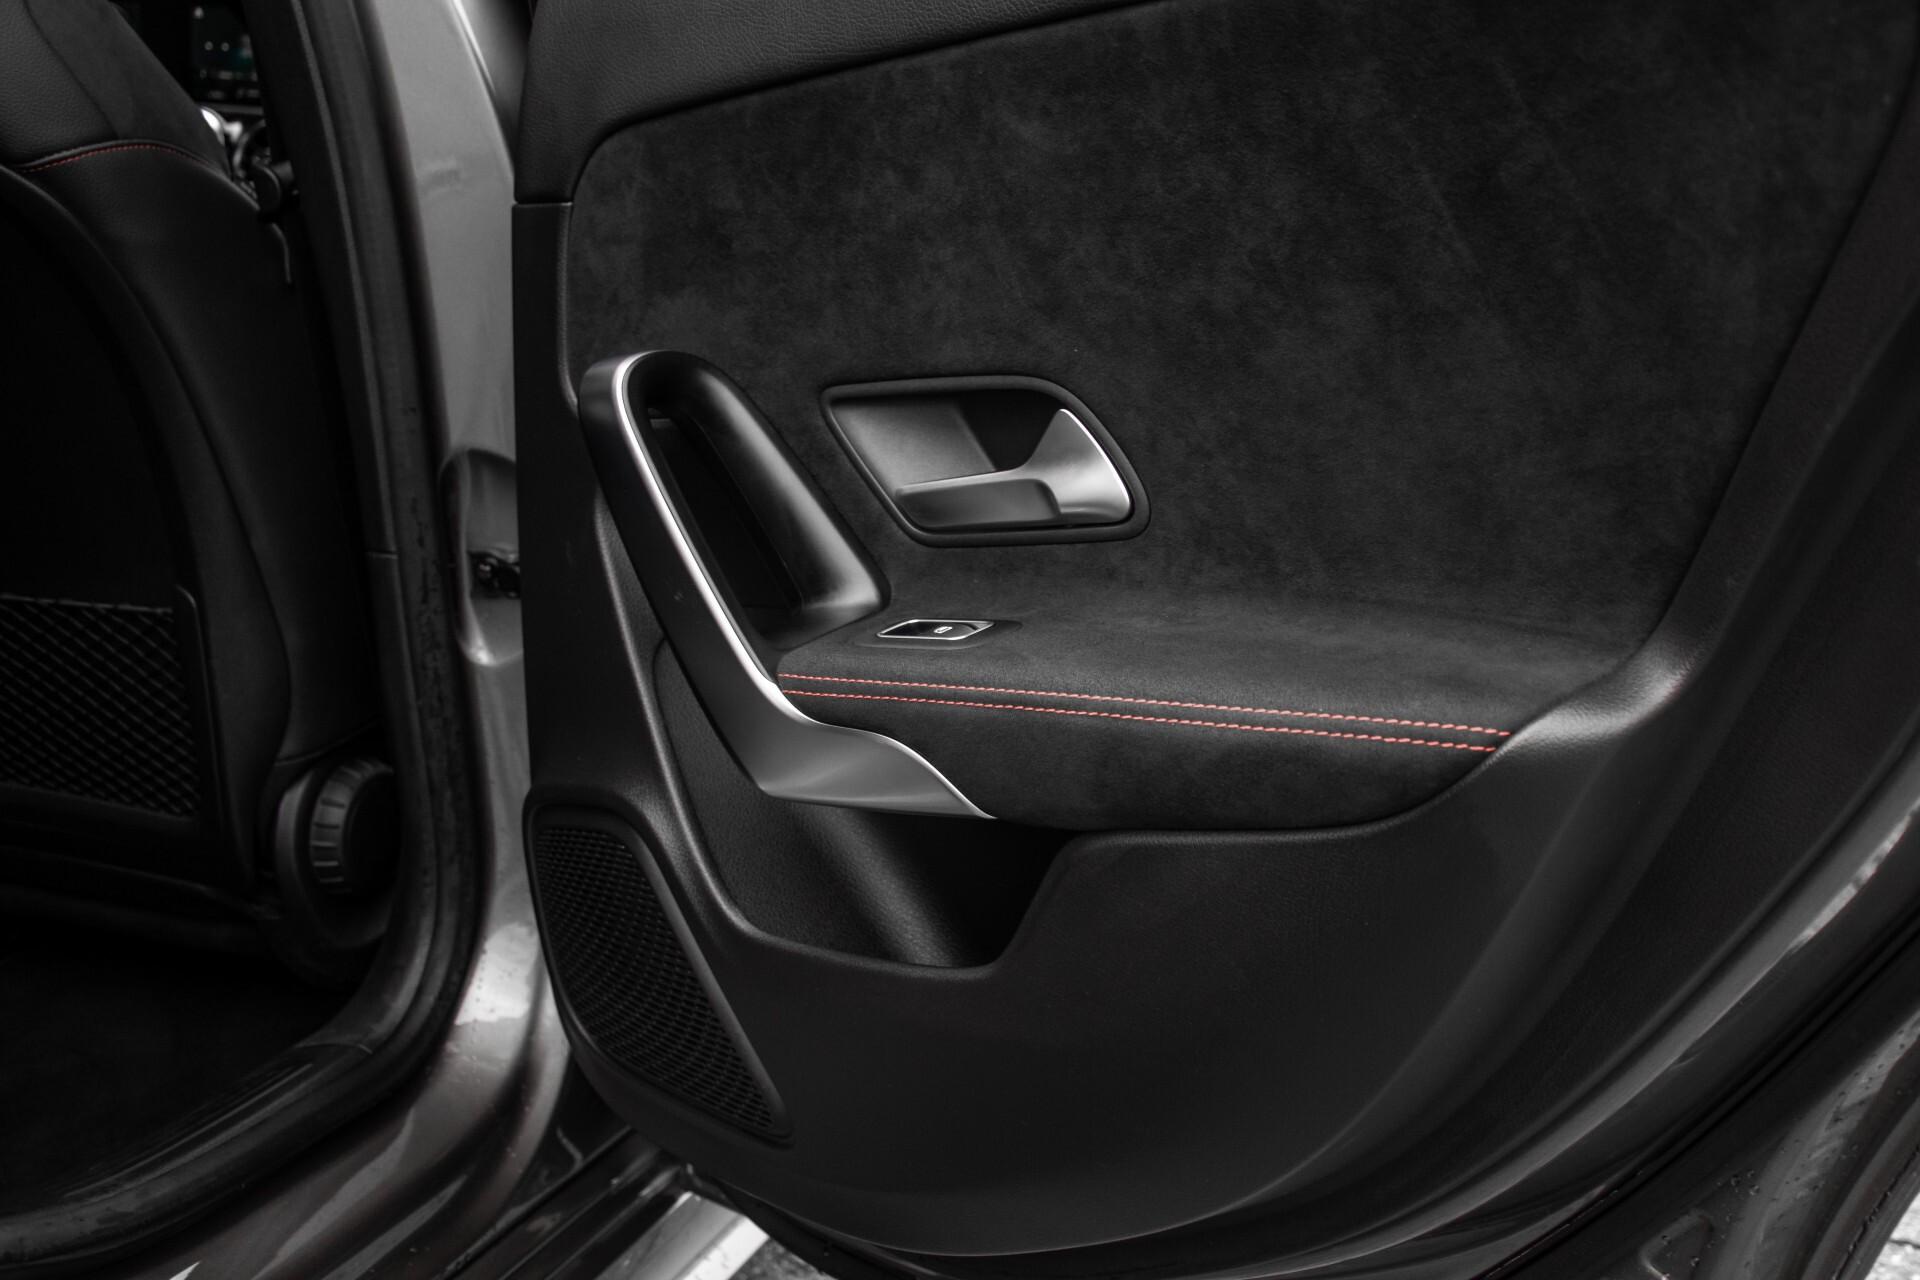 Mercedes-Benz A-Klasse 180 d AMG Panorama/MBUX/DAB/LED Aut7 Foto 38